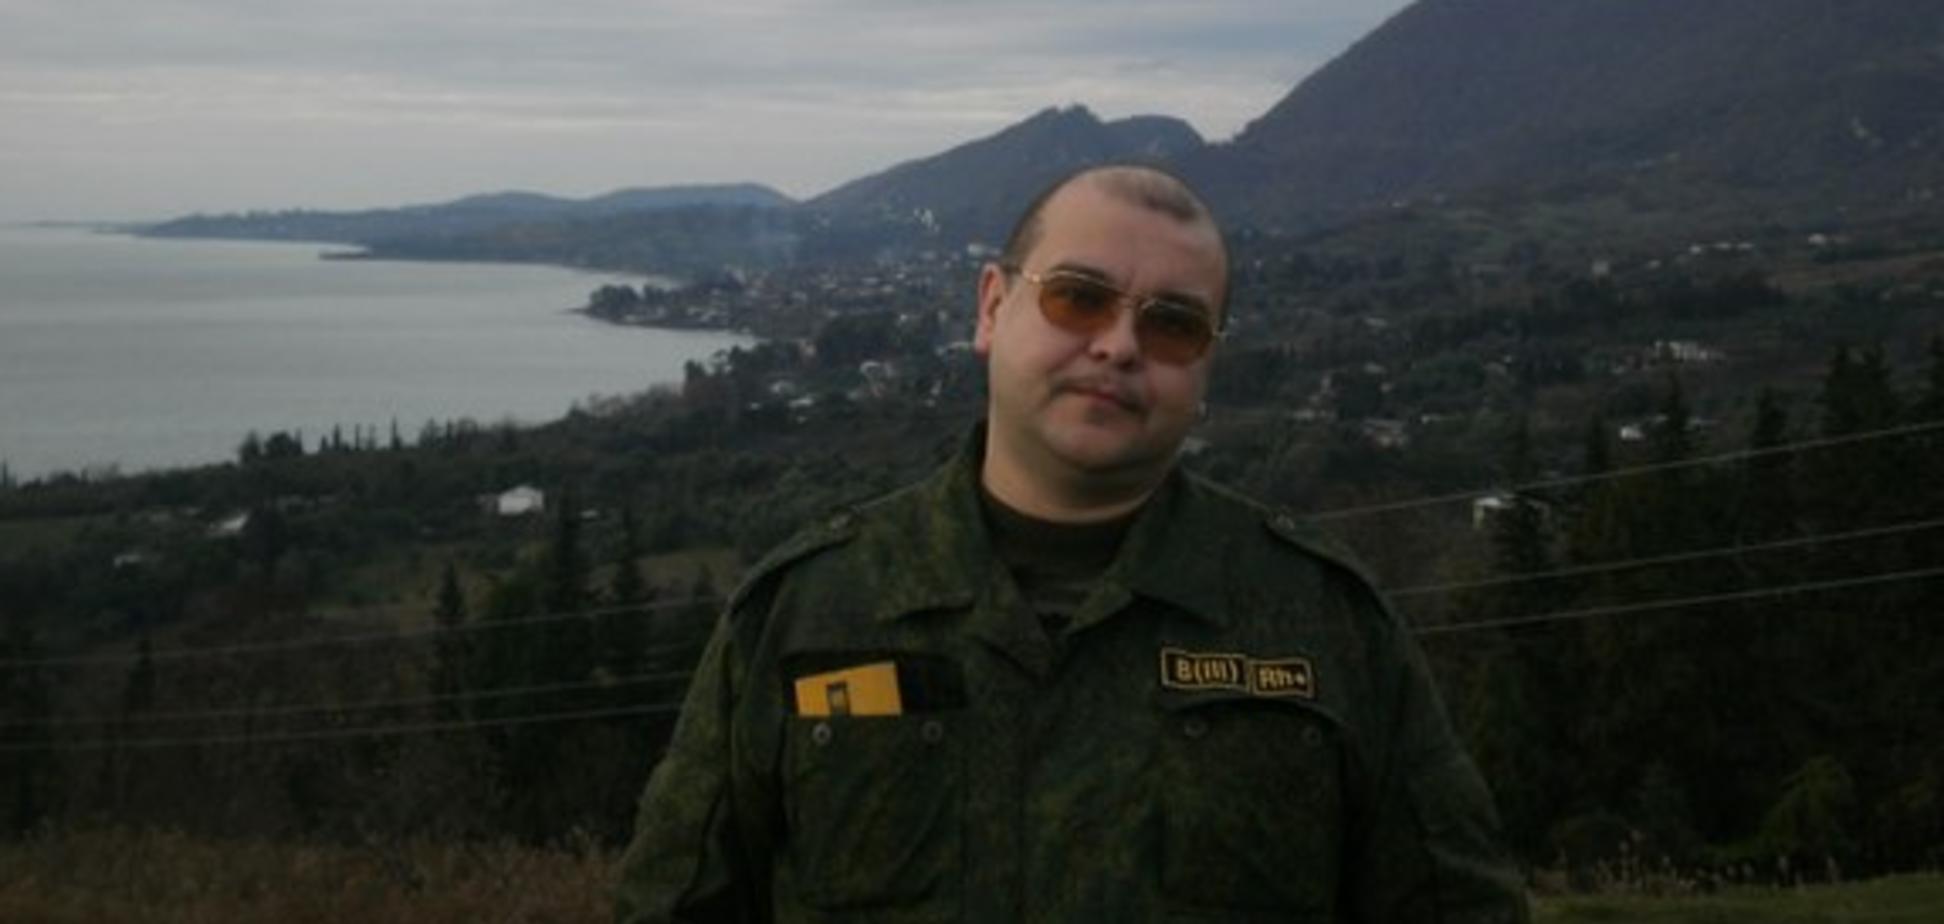 Вербував найманців на Донбас: у Росії затримали педофіла. Фото